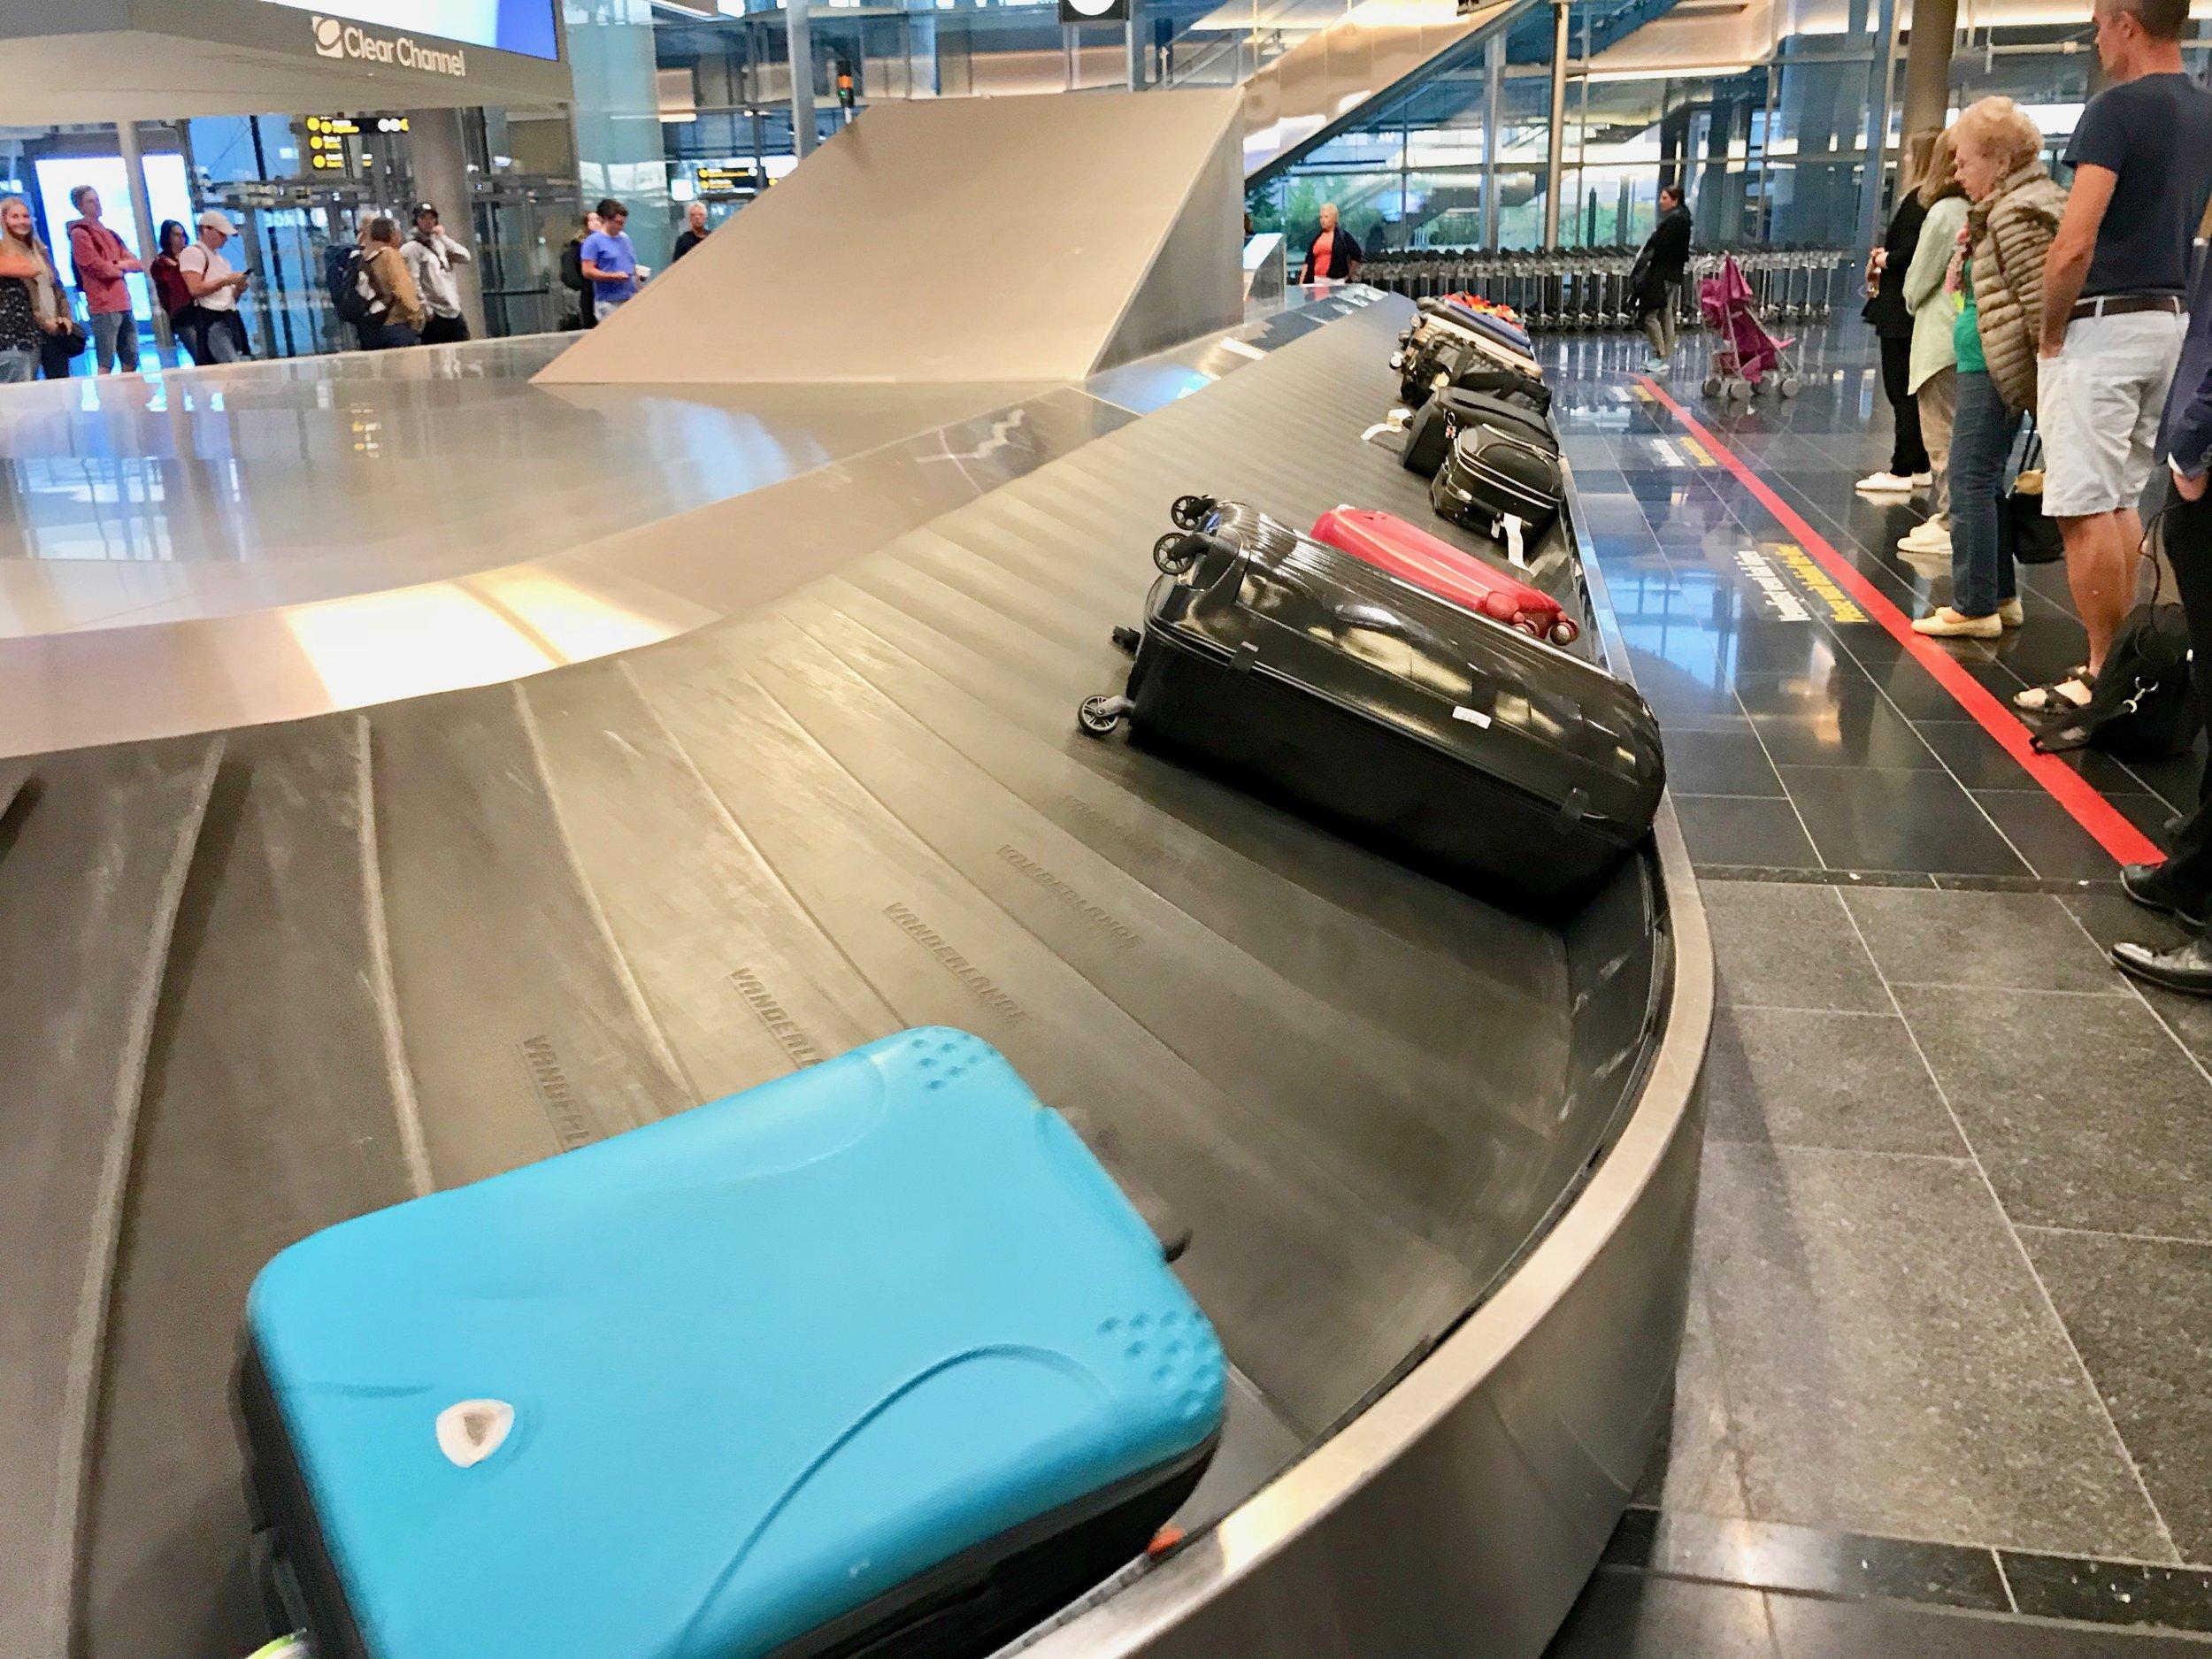 Kanskje du like godt skal legge taxfreevarene i den bagasjen som du sjekker inn? Husk å pakke varene i bobleplast. (Foto: Odd Roar Lange